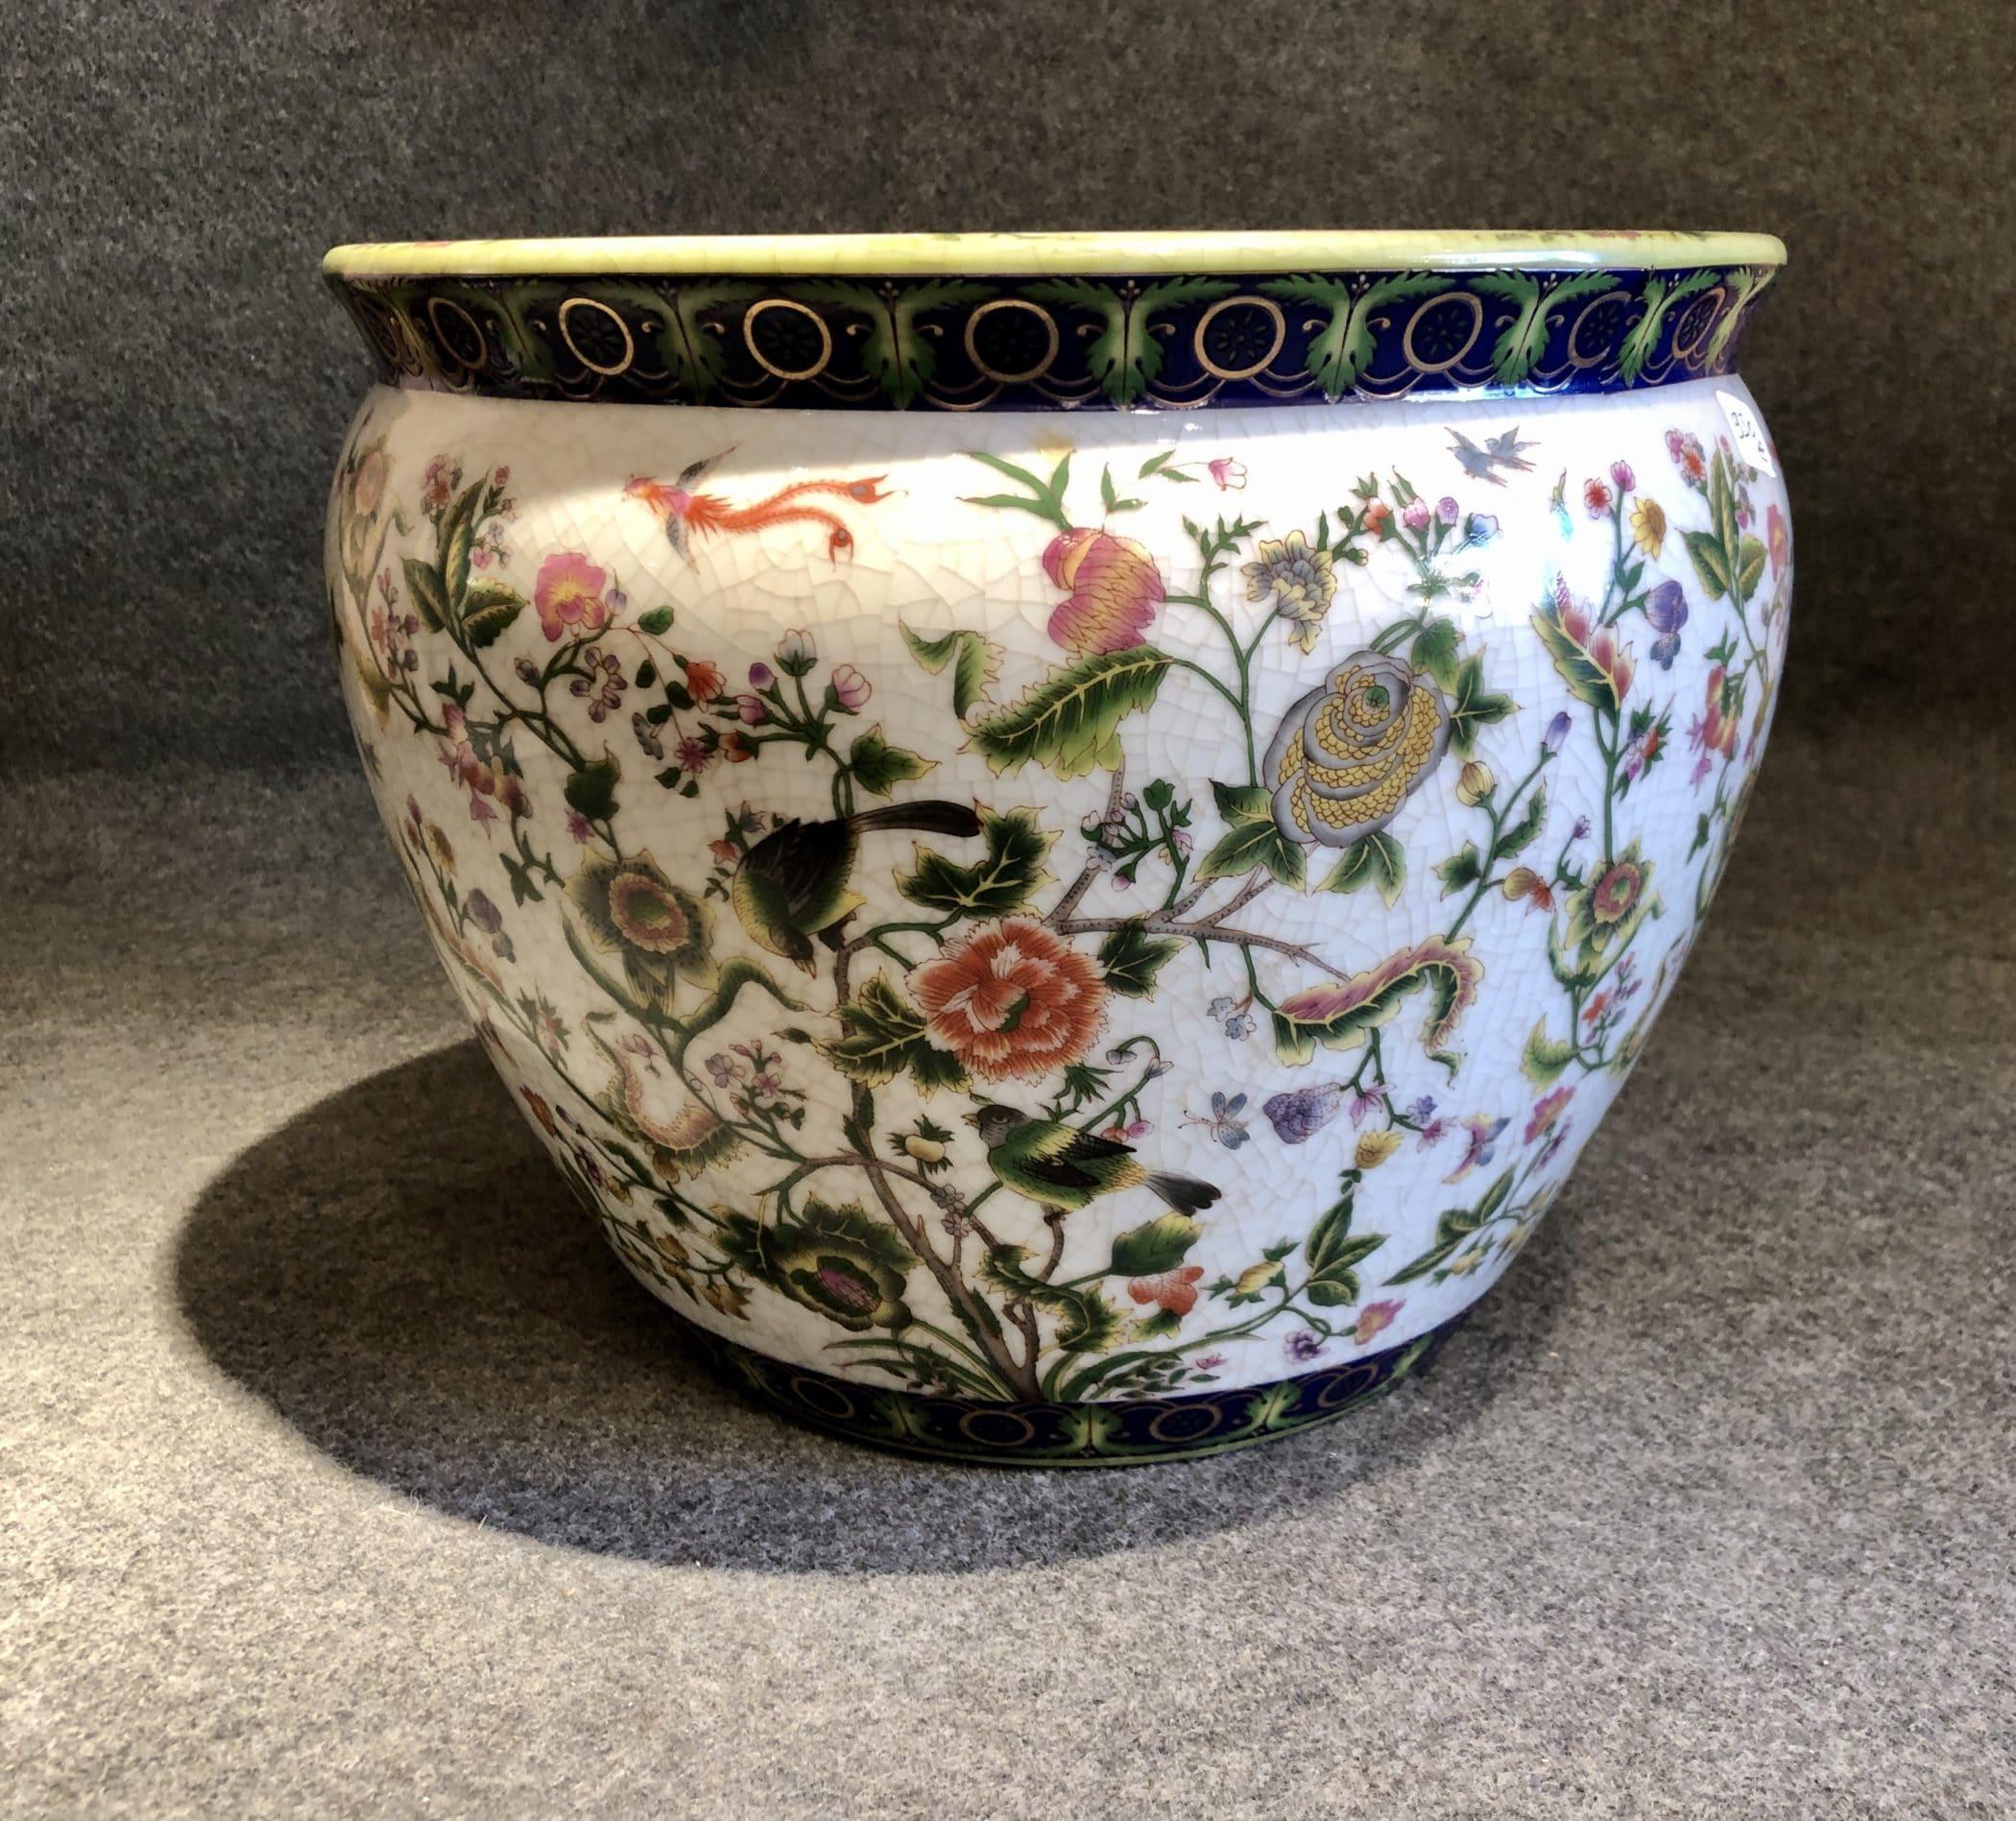 Cache-pot chinois en céramique, début XXe siècle